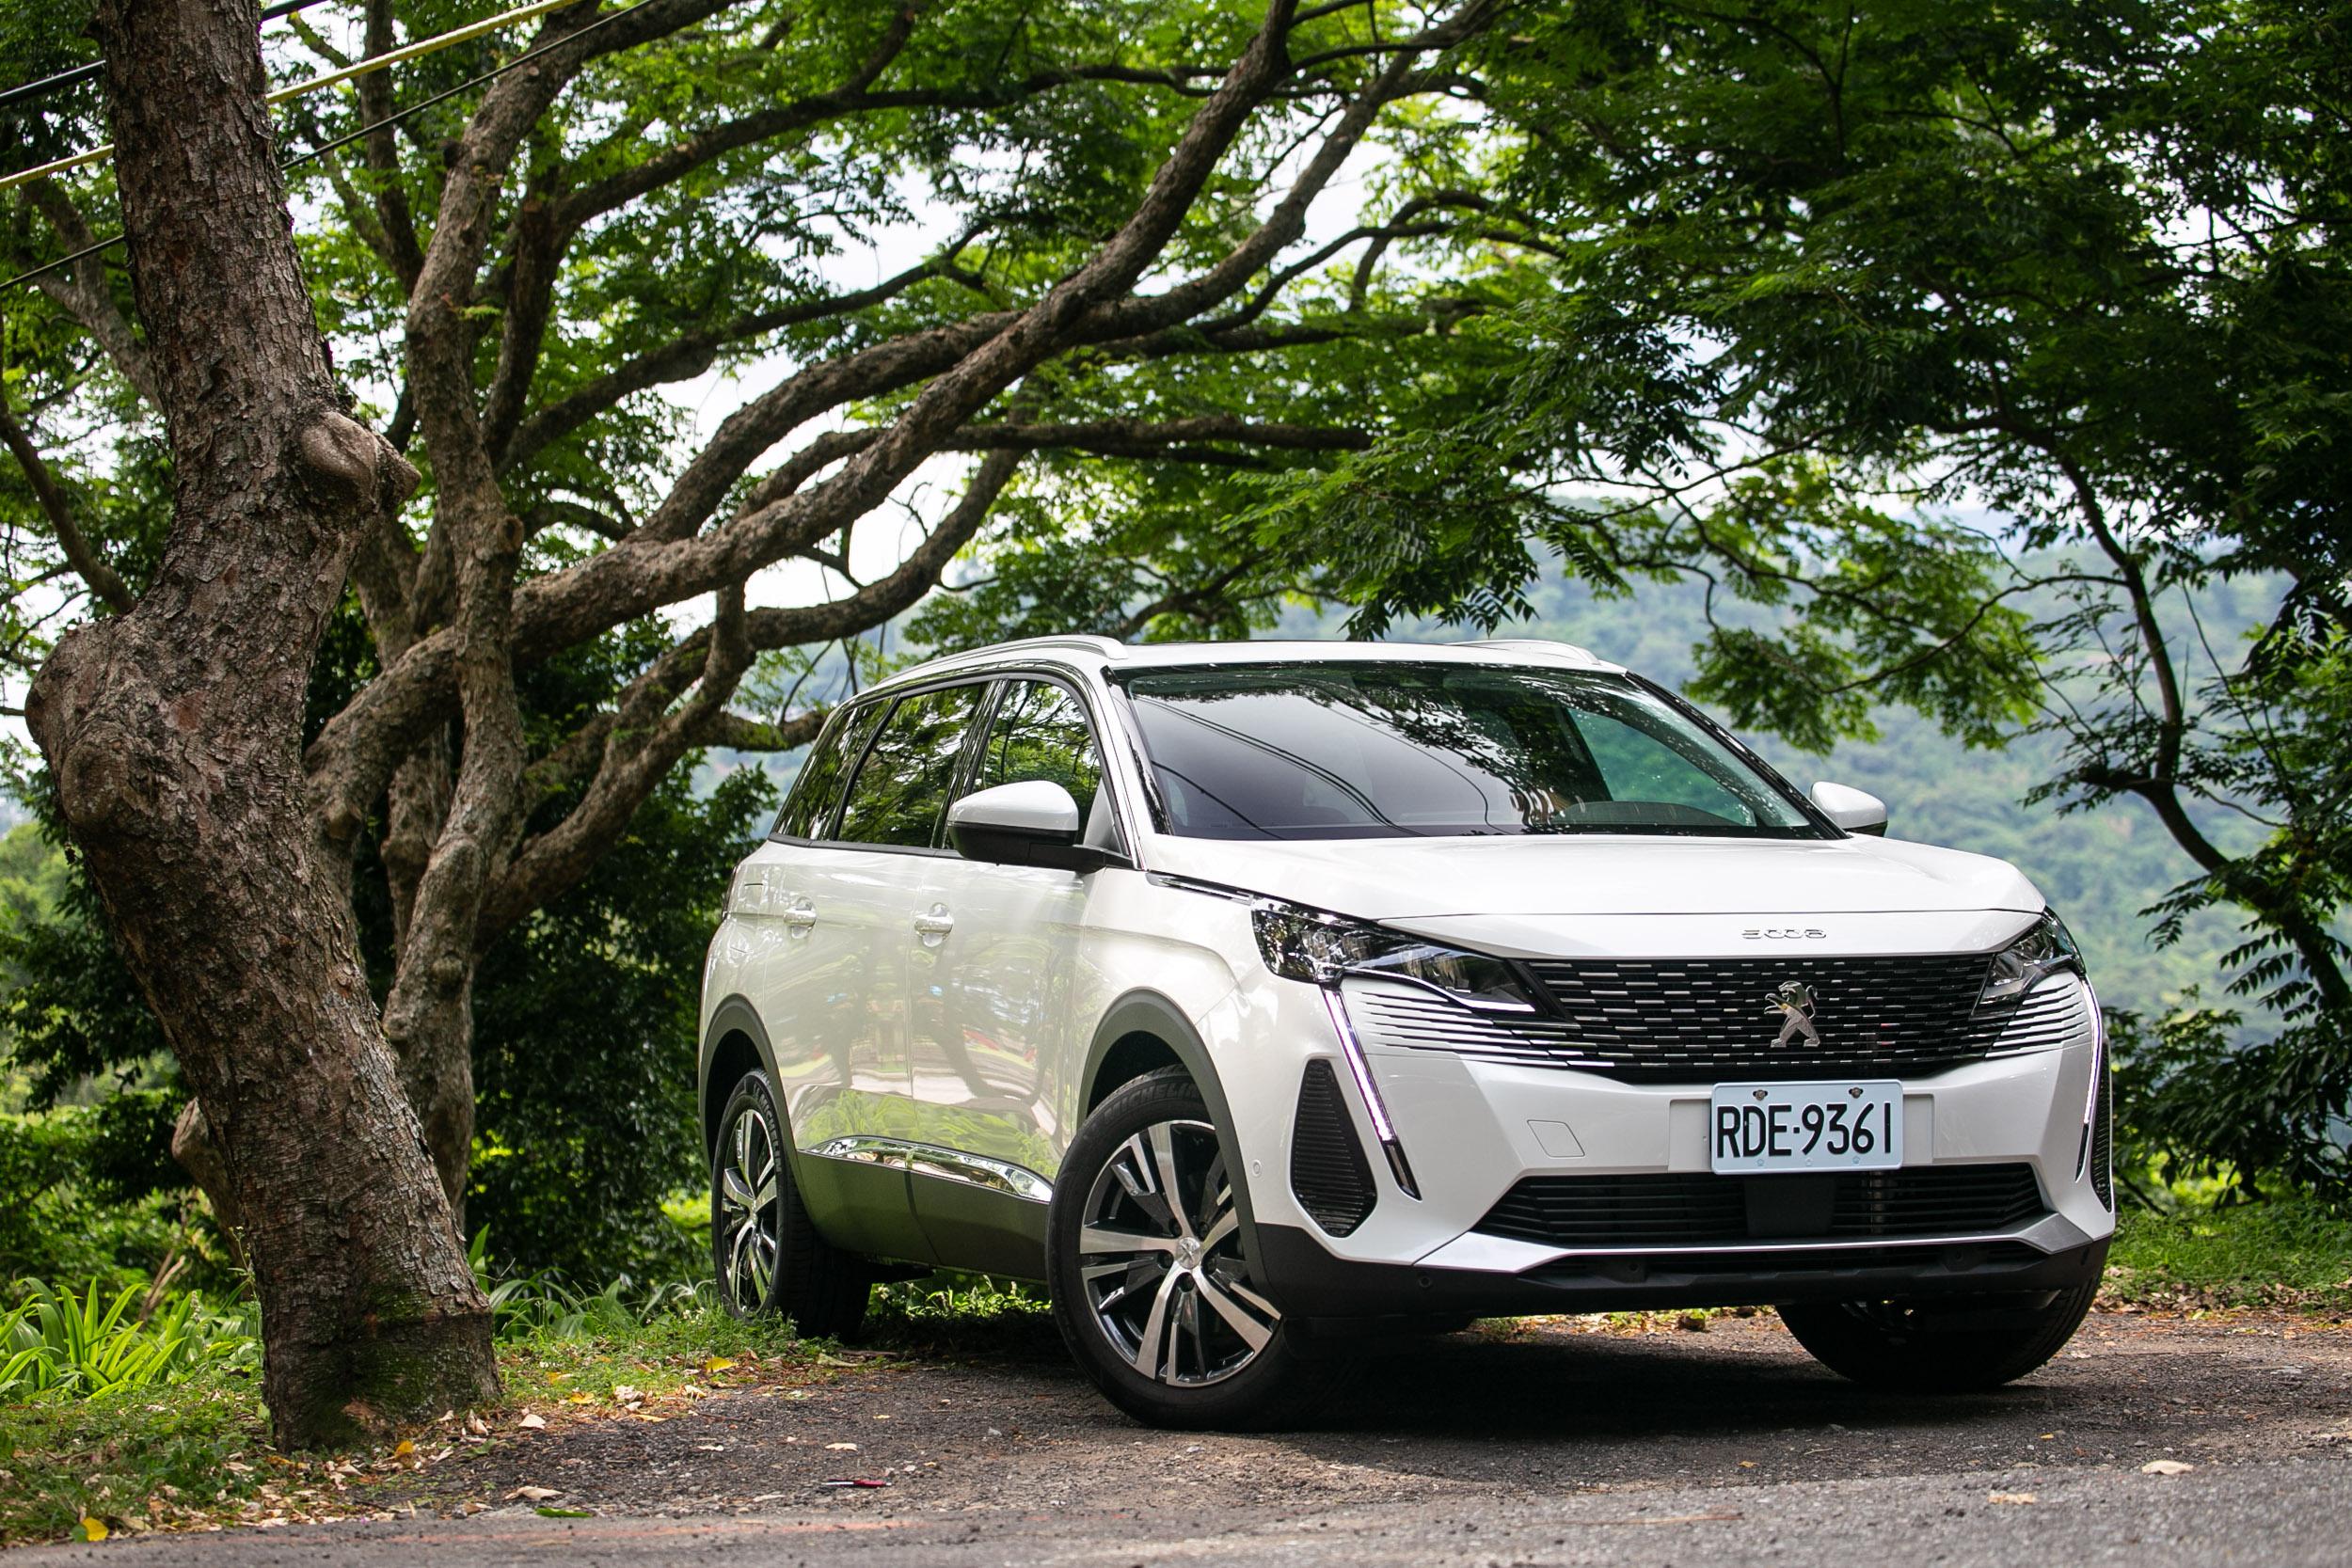 試駕車款為 Peugeot 5008 1.5L BlueHDi Allure 車型,售價為新台幣 154.9 萬元。